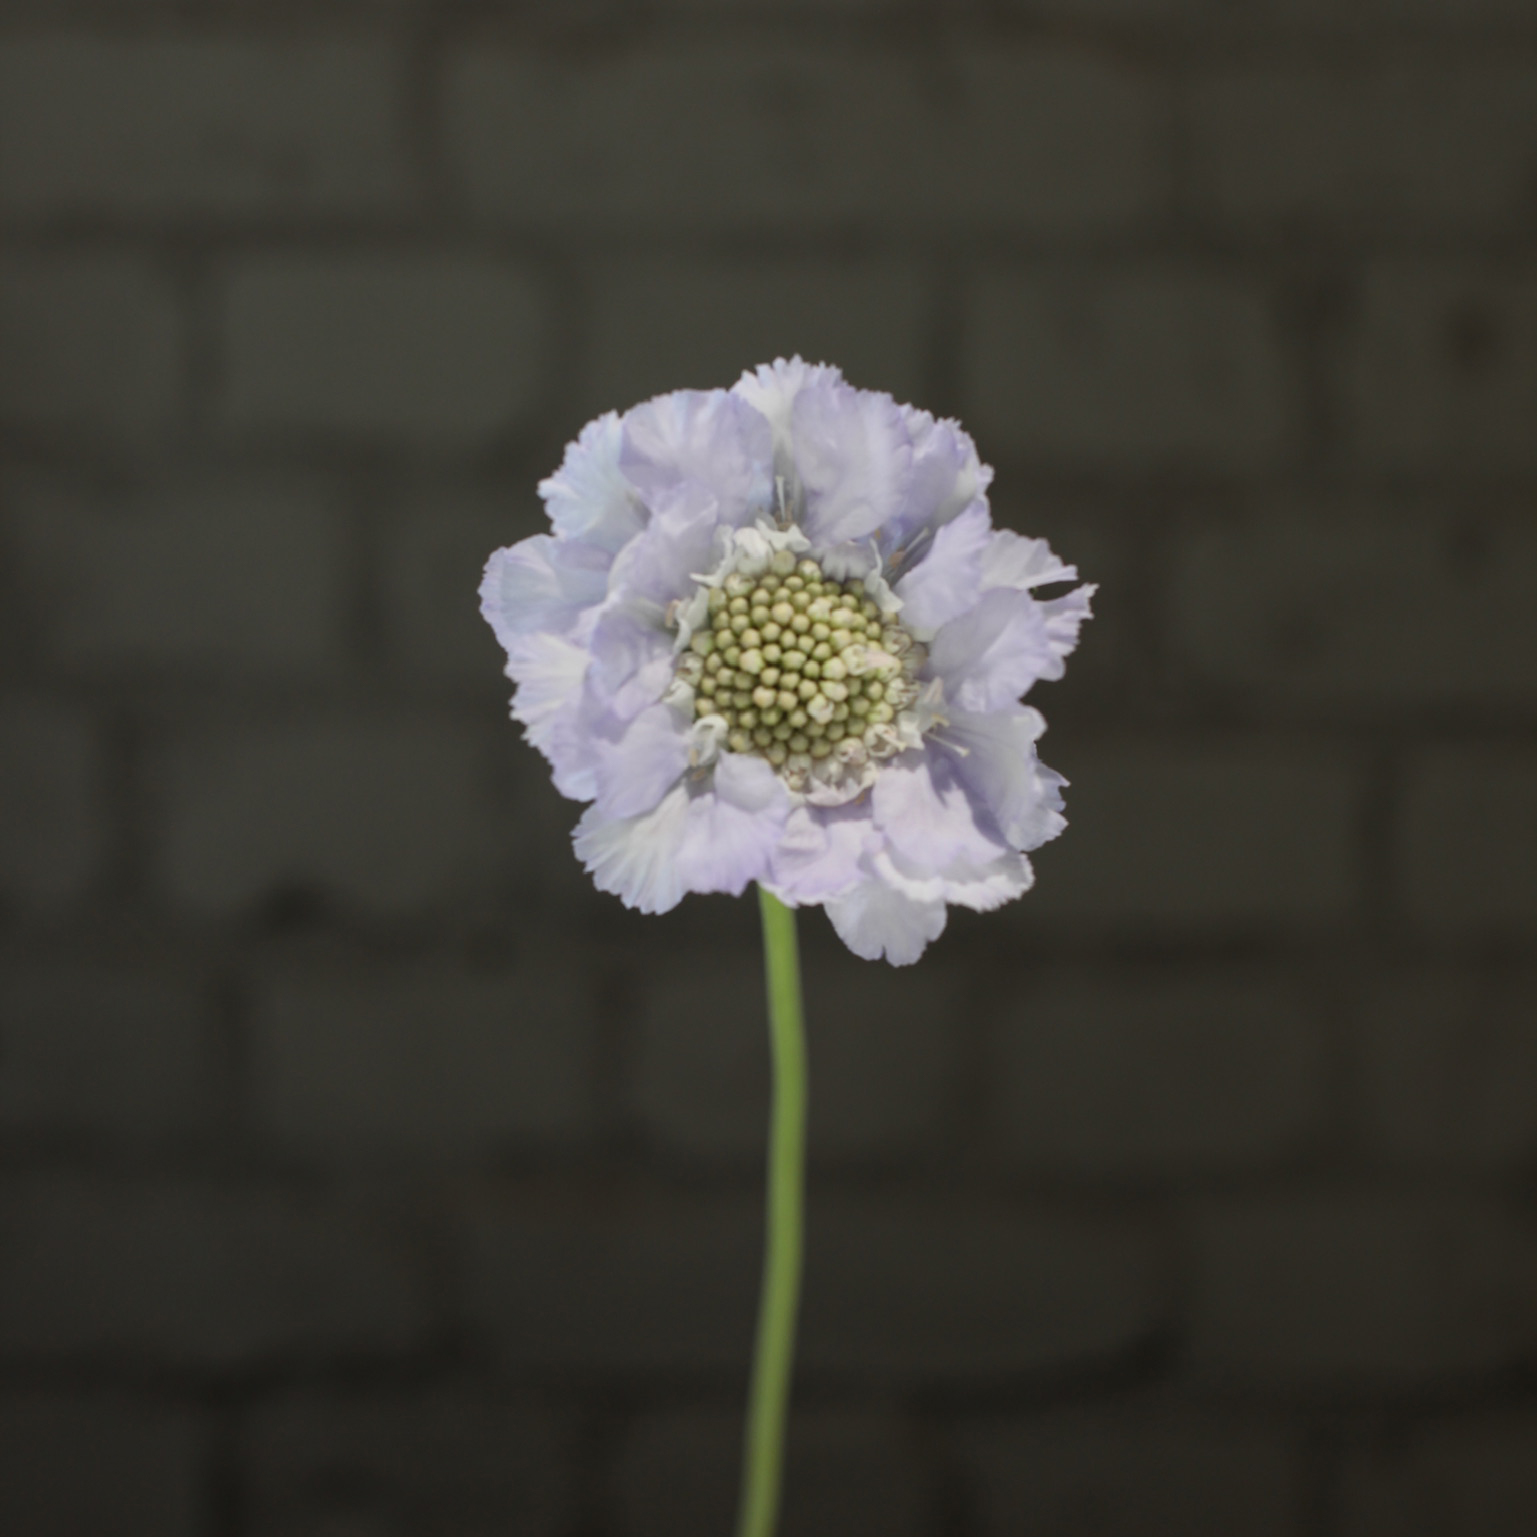 Цветы «D&K Flowers House»: Скабиоза Классическая Лиза»